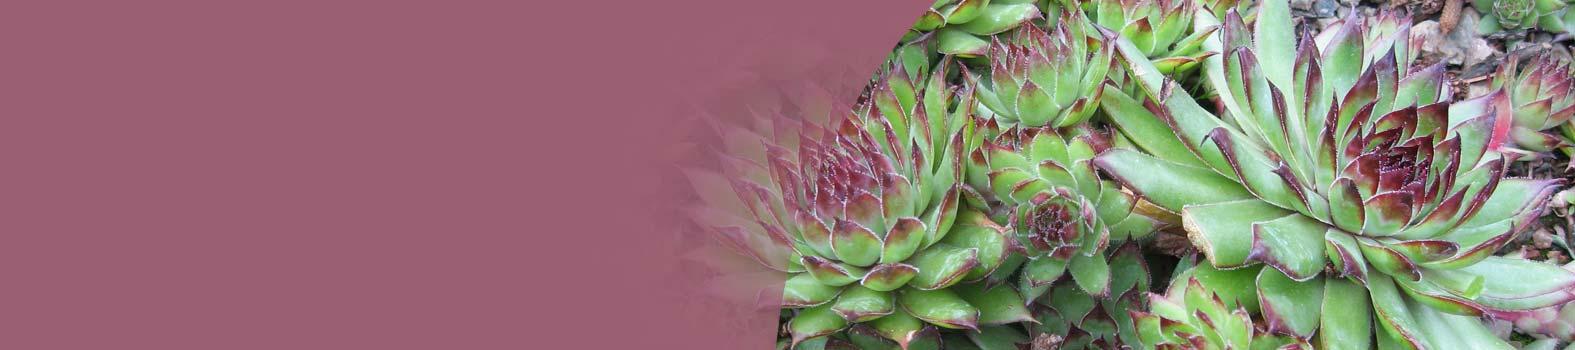 """"""" l'erbaccia è una pianta cui non sono state<br />ancora scoperte le virtù""""<br />Ralp Waldo Emerson"""